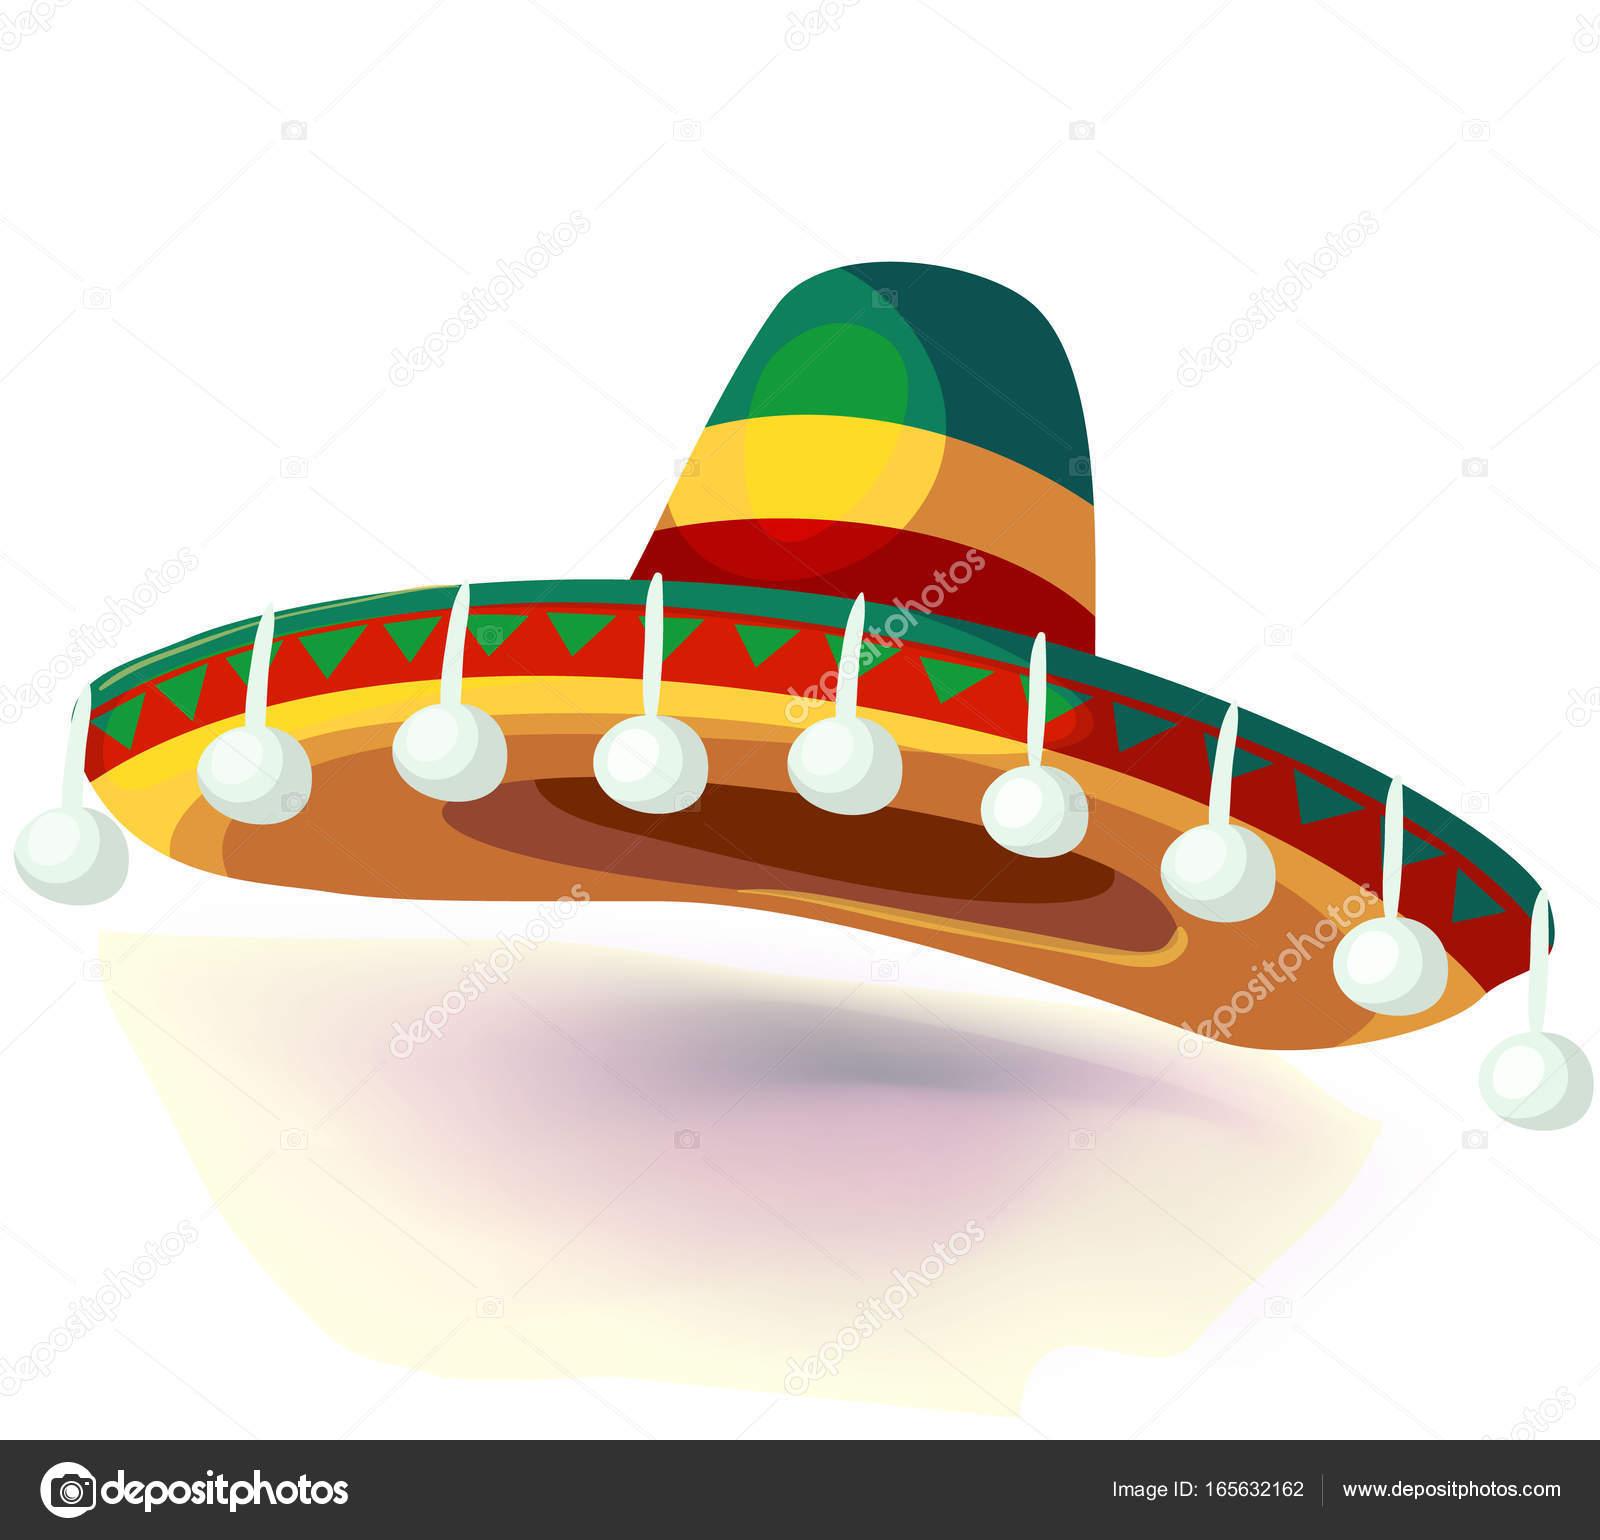 Sombrero klobouk vektorové ilustrace. Mexický klobouk na bílém pozadí.  Maškarní nebo karneval kostým čelenka 07bcbd9e53